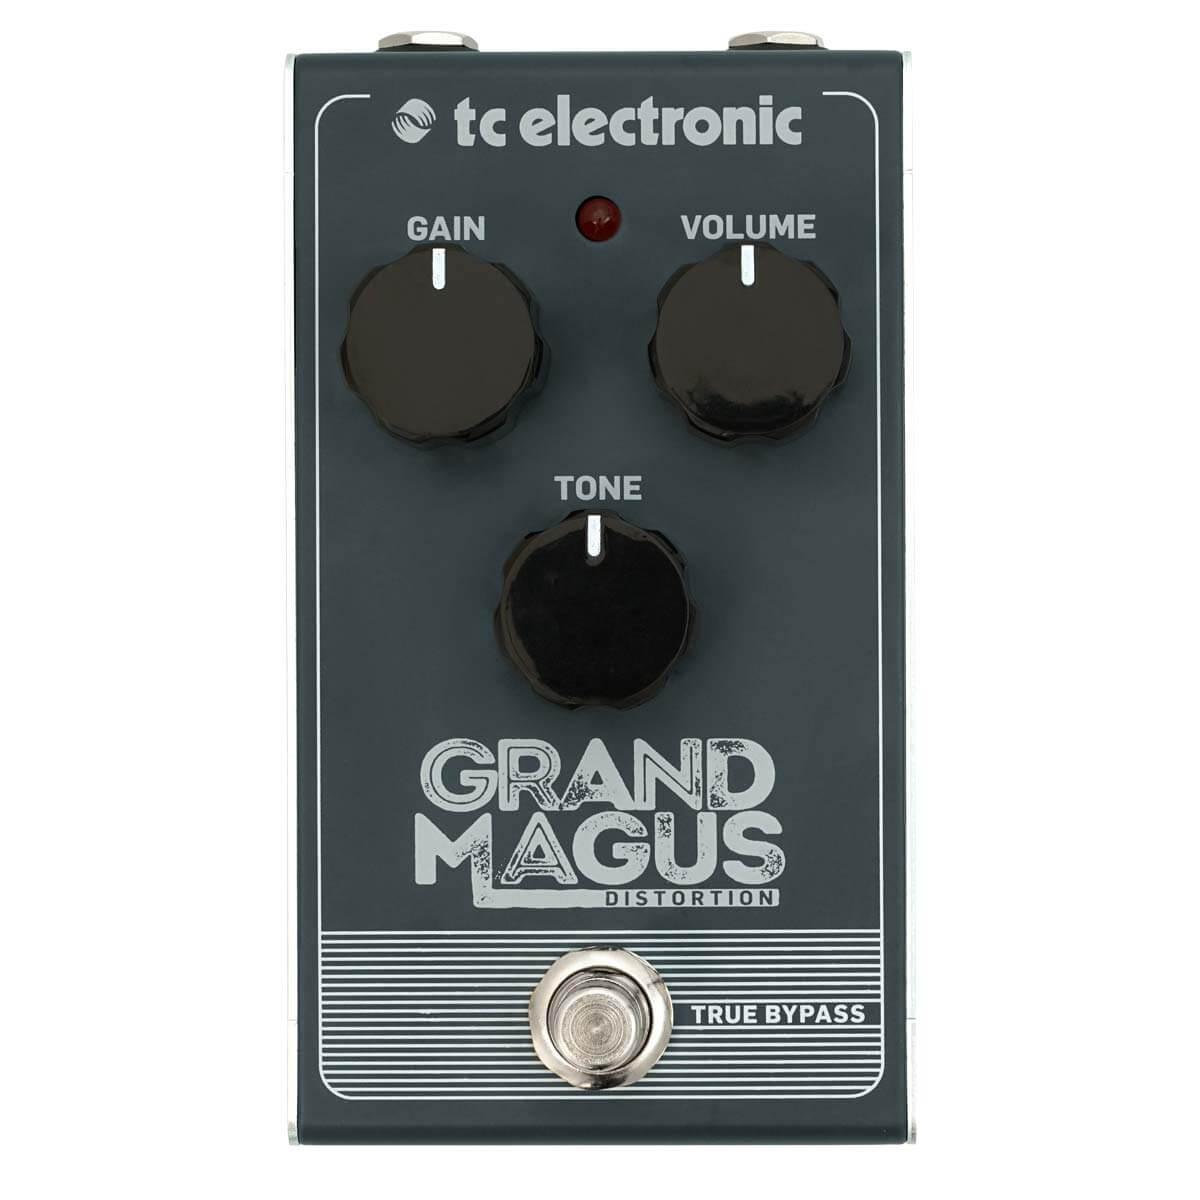 Billede af TC Electronic Grand Magus Distortion guitar-effekt-pedal